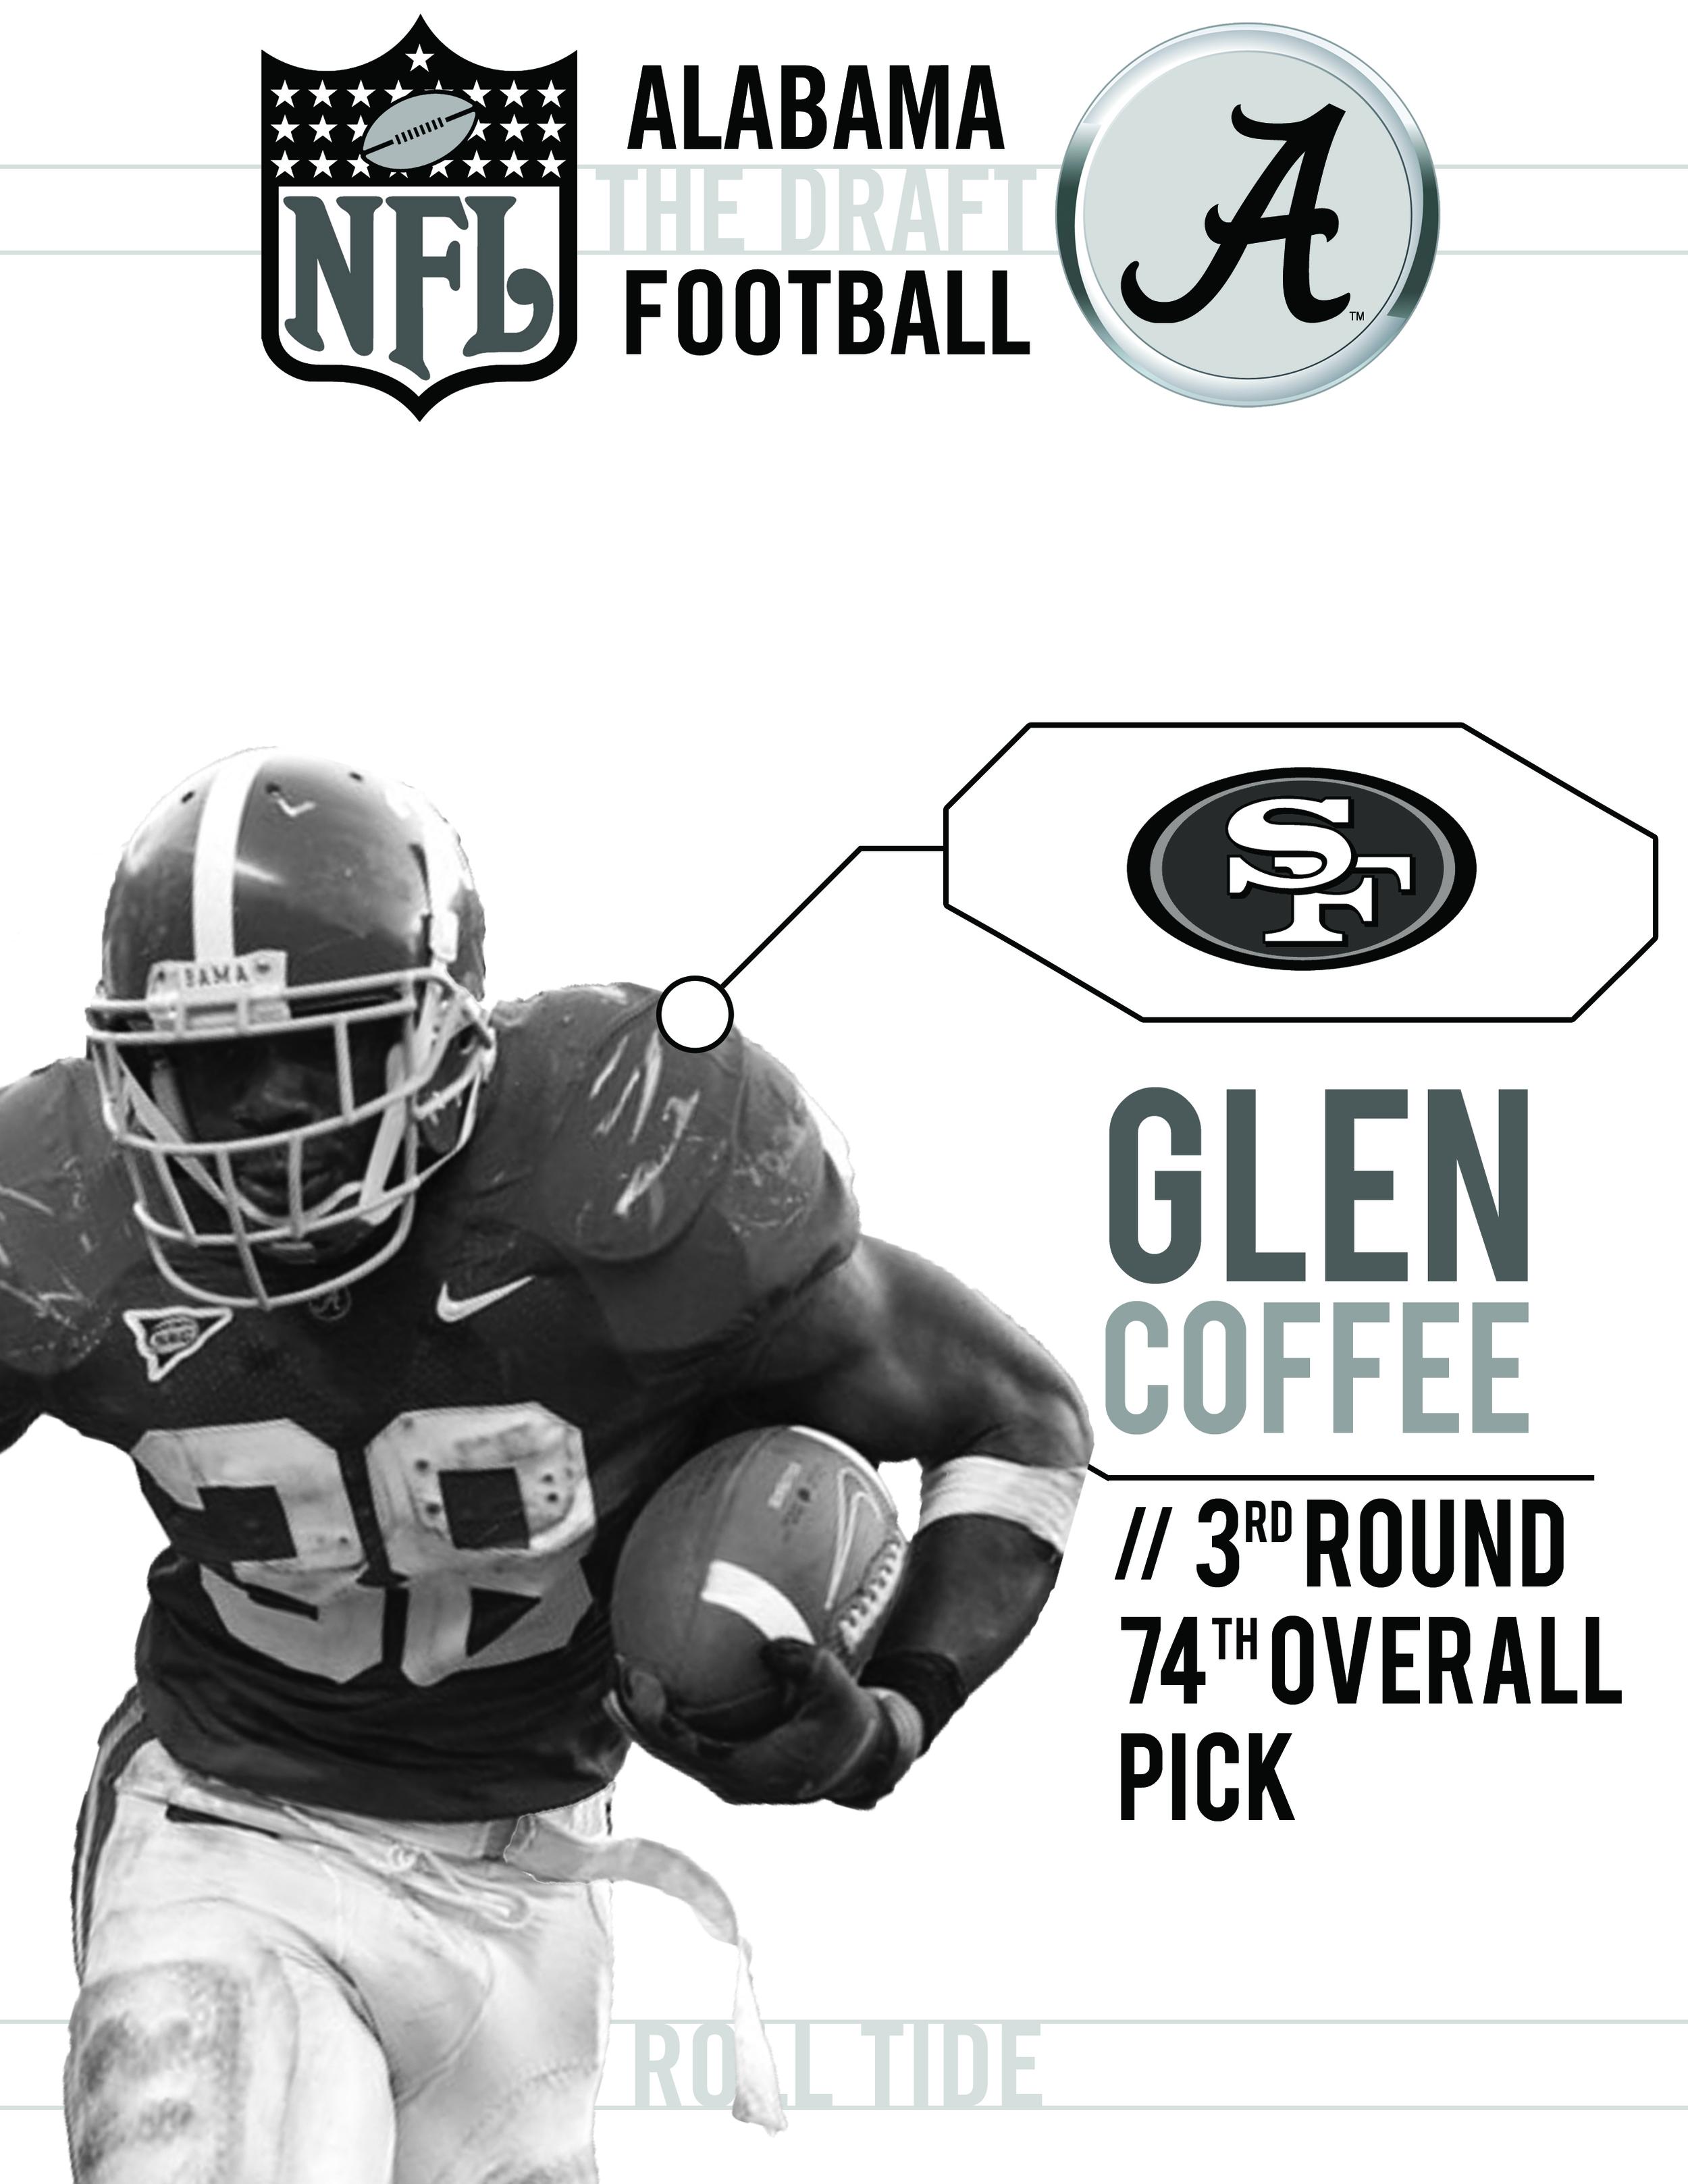 Draft - Glen.jpg